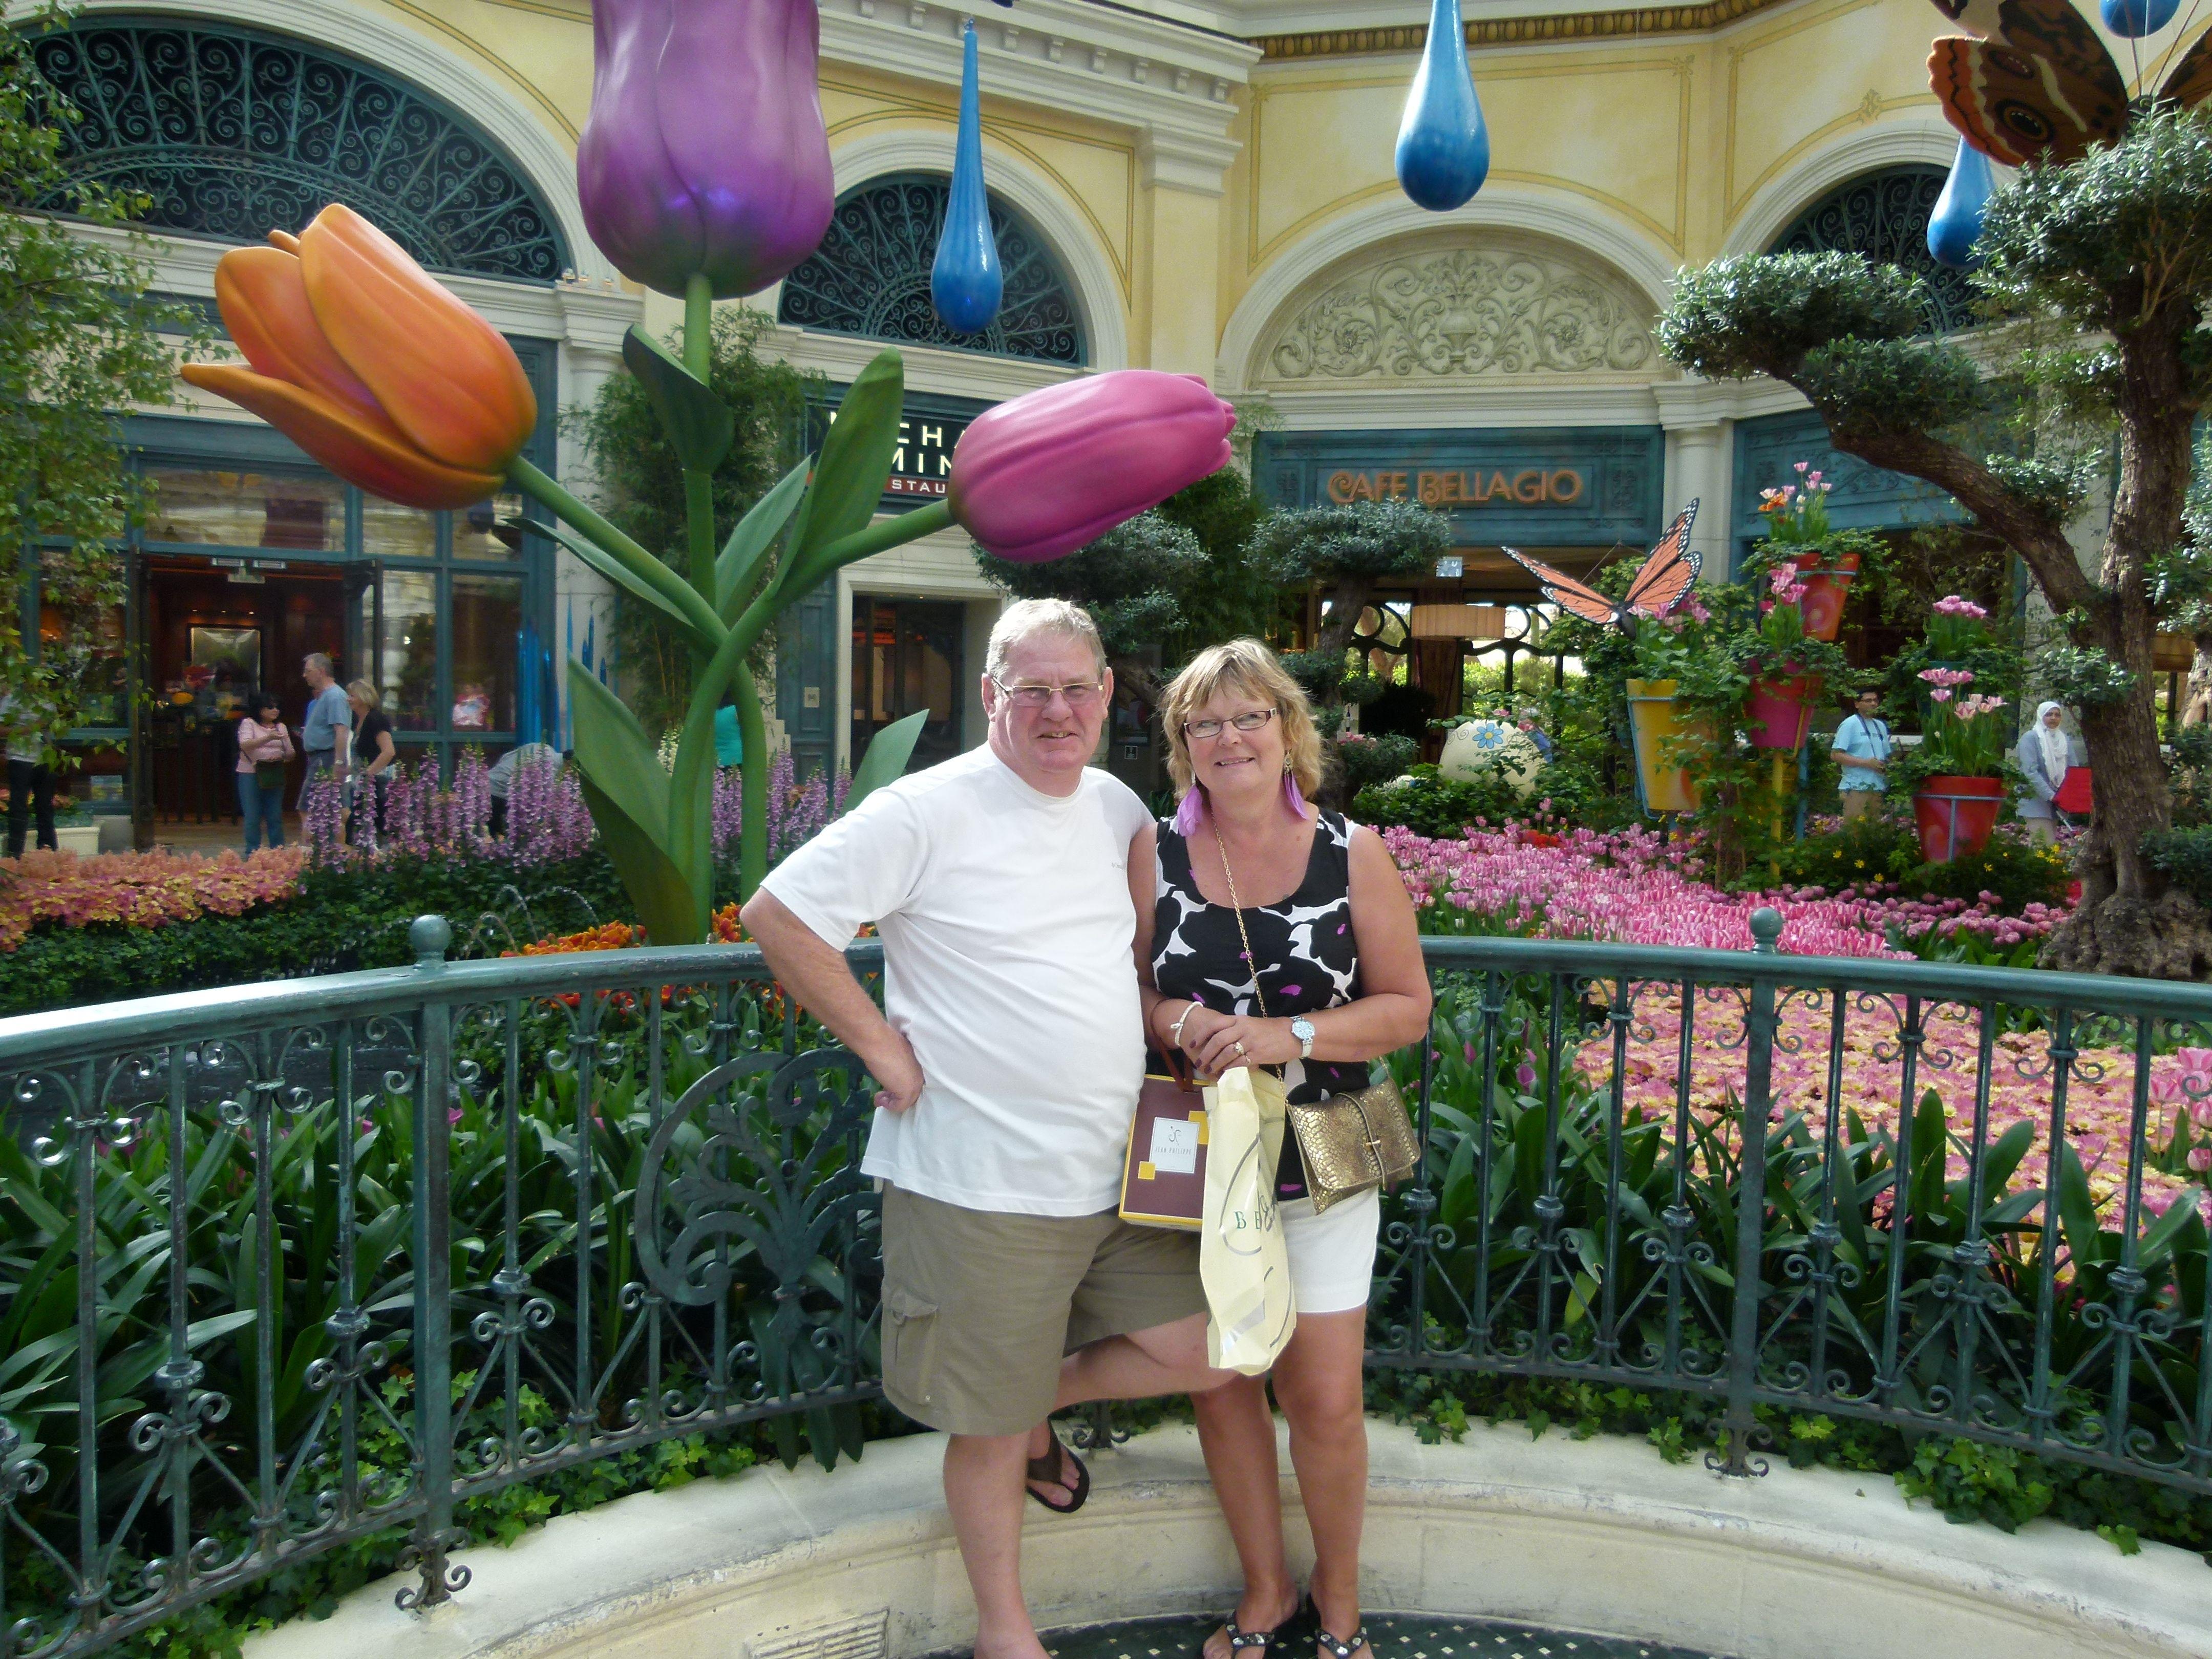 Dennis & I in Las Vegas